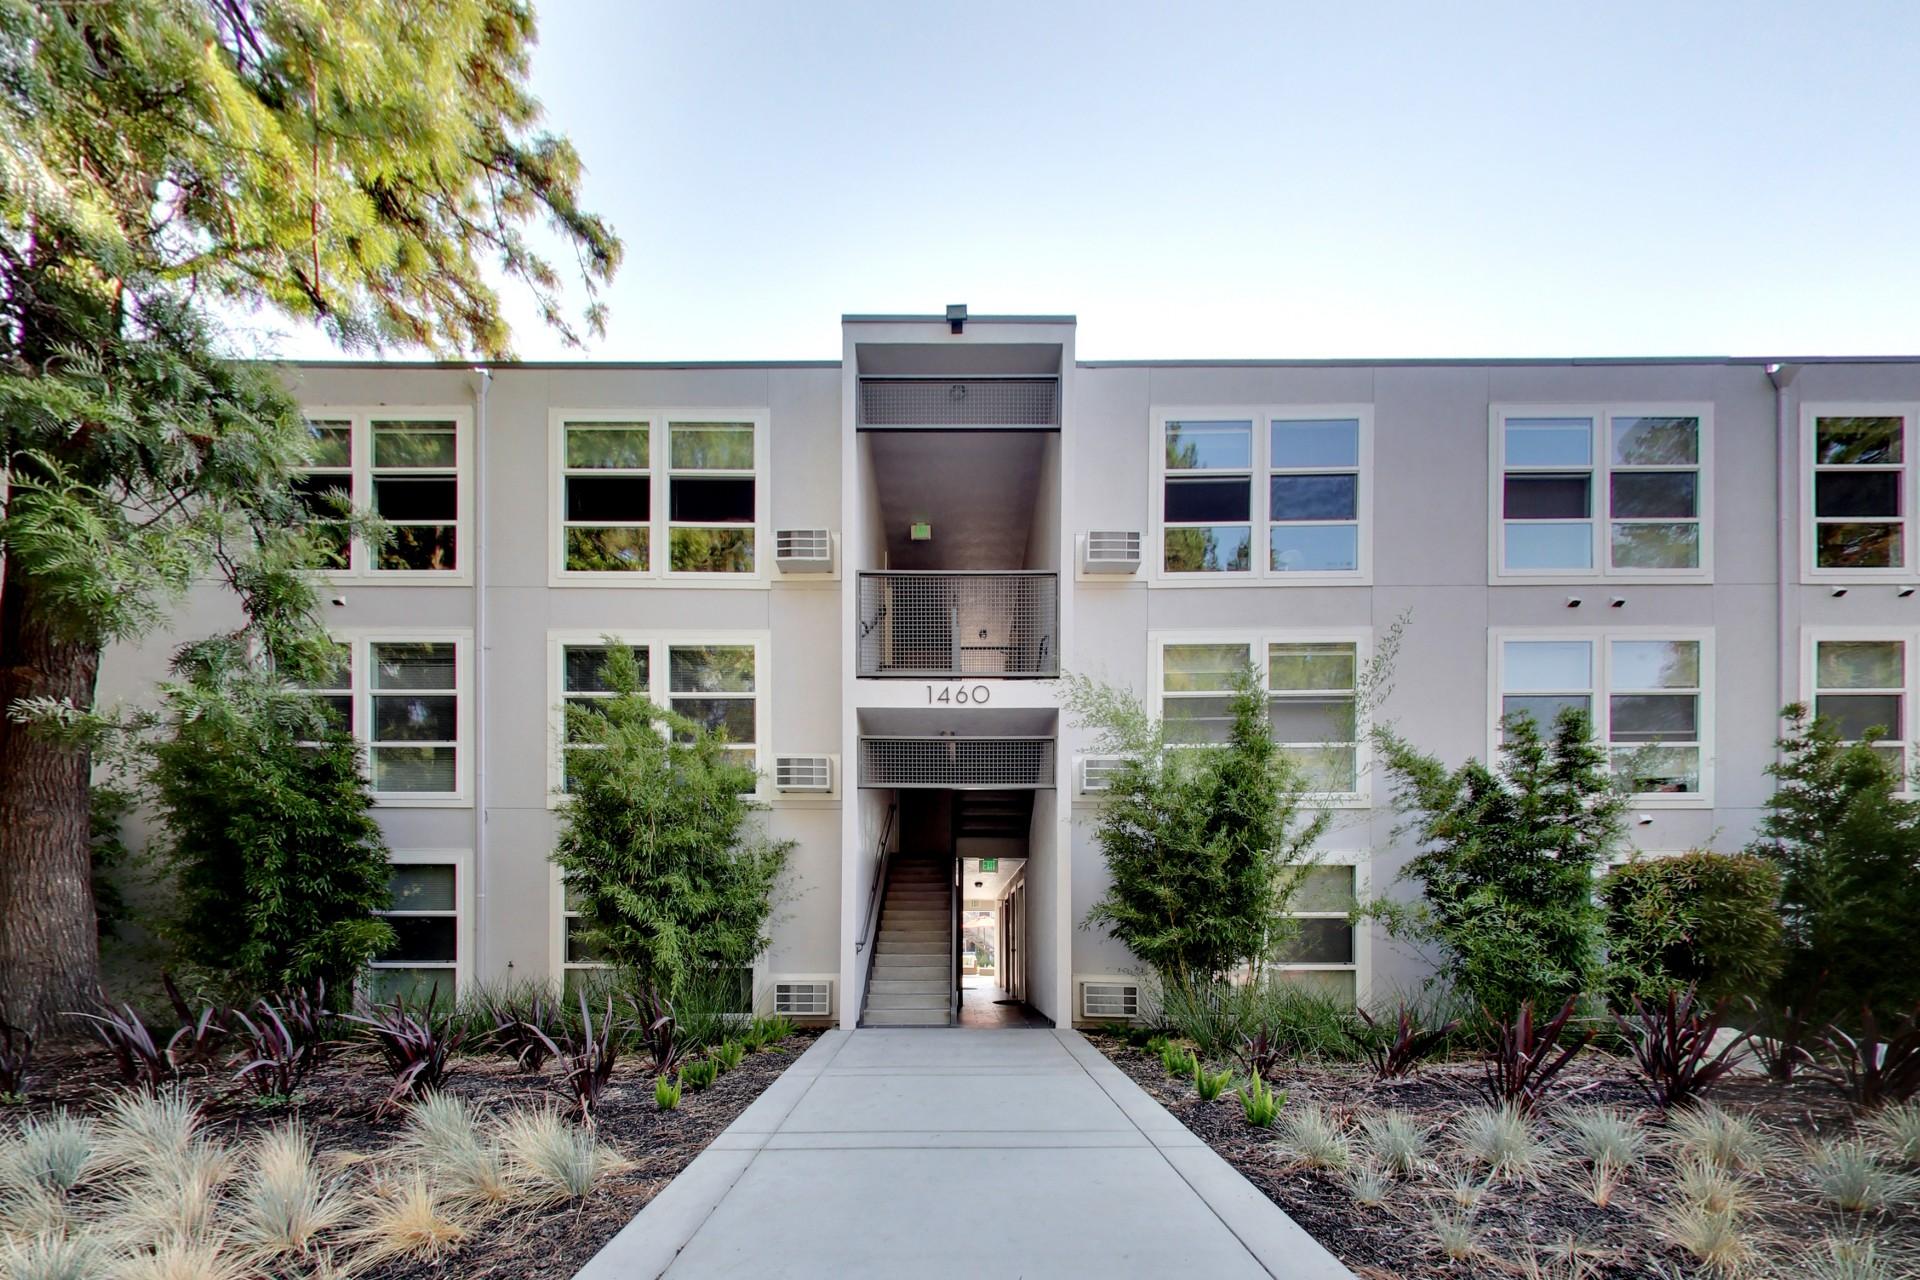 PTLA Real Estate Group